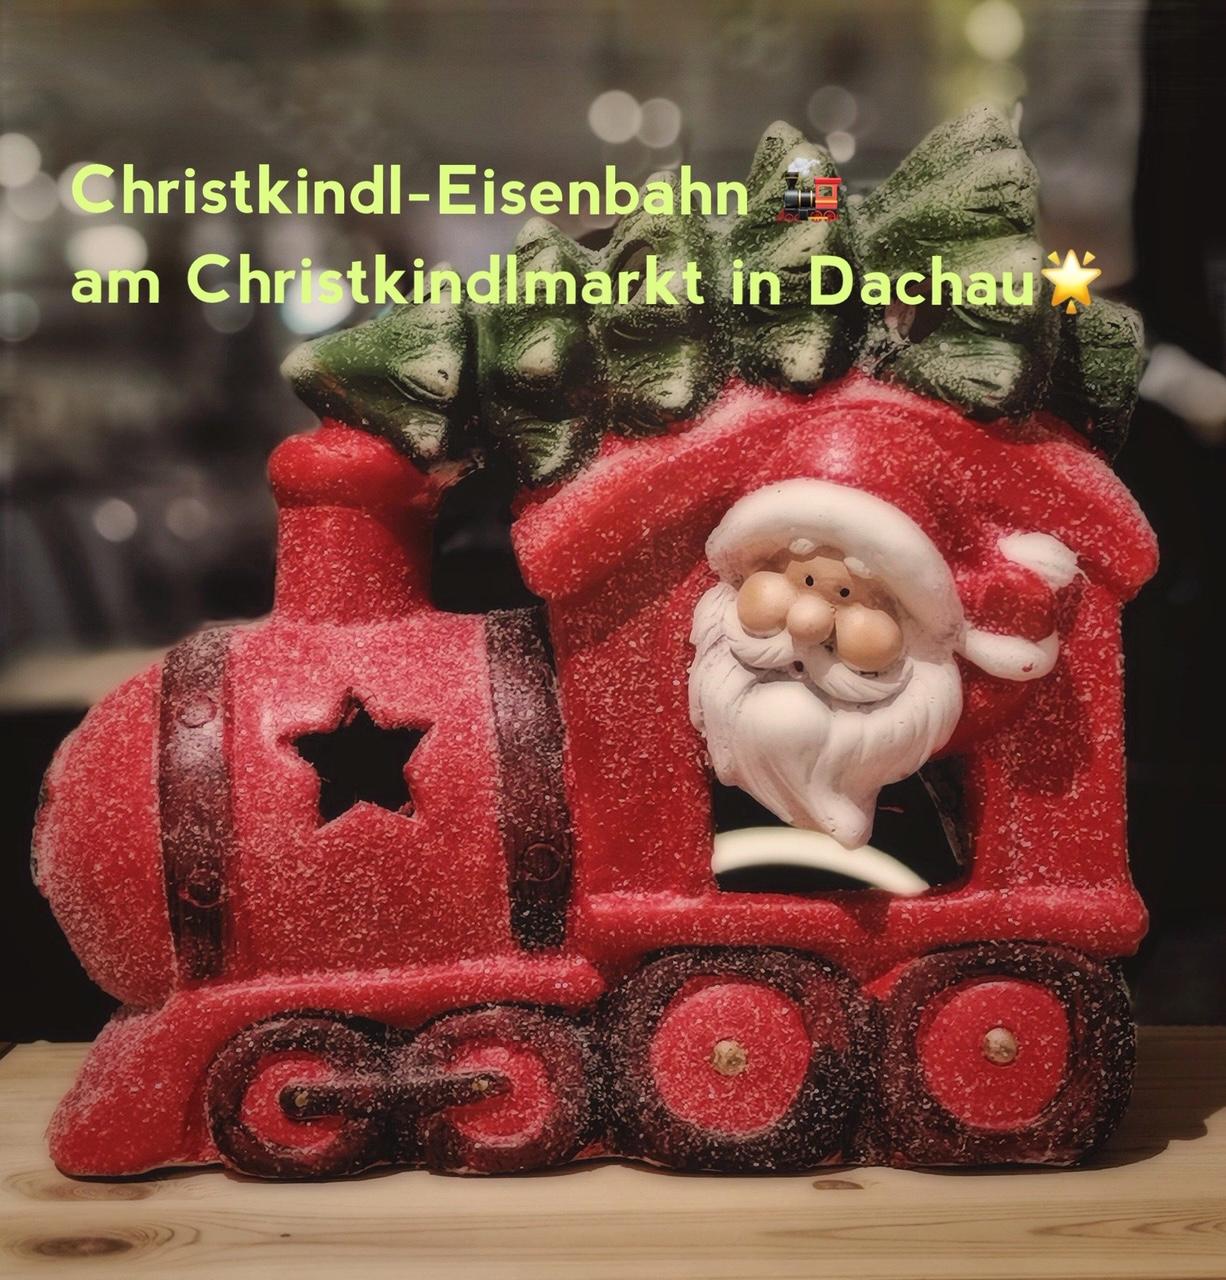 Eisenbahn am Christkindlmarkt